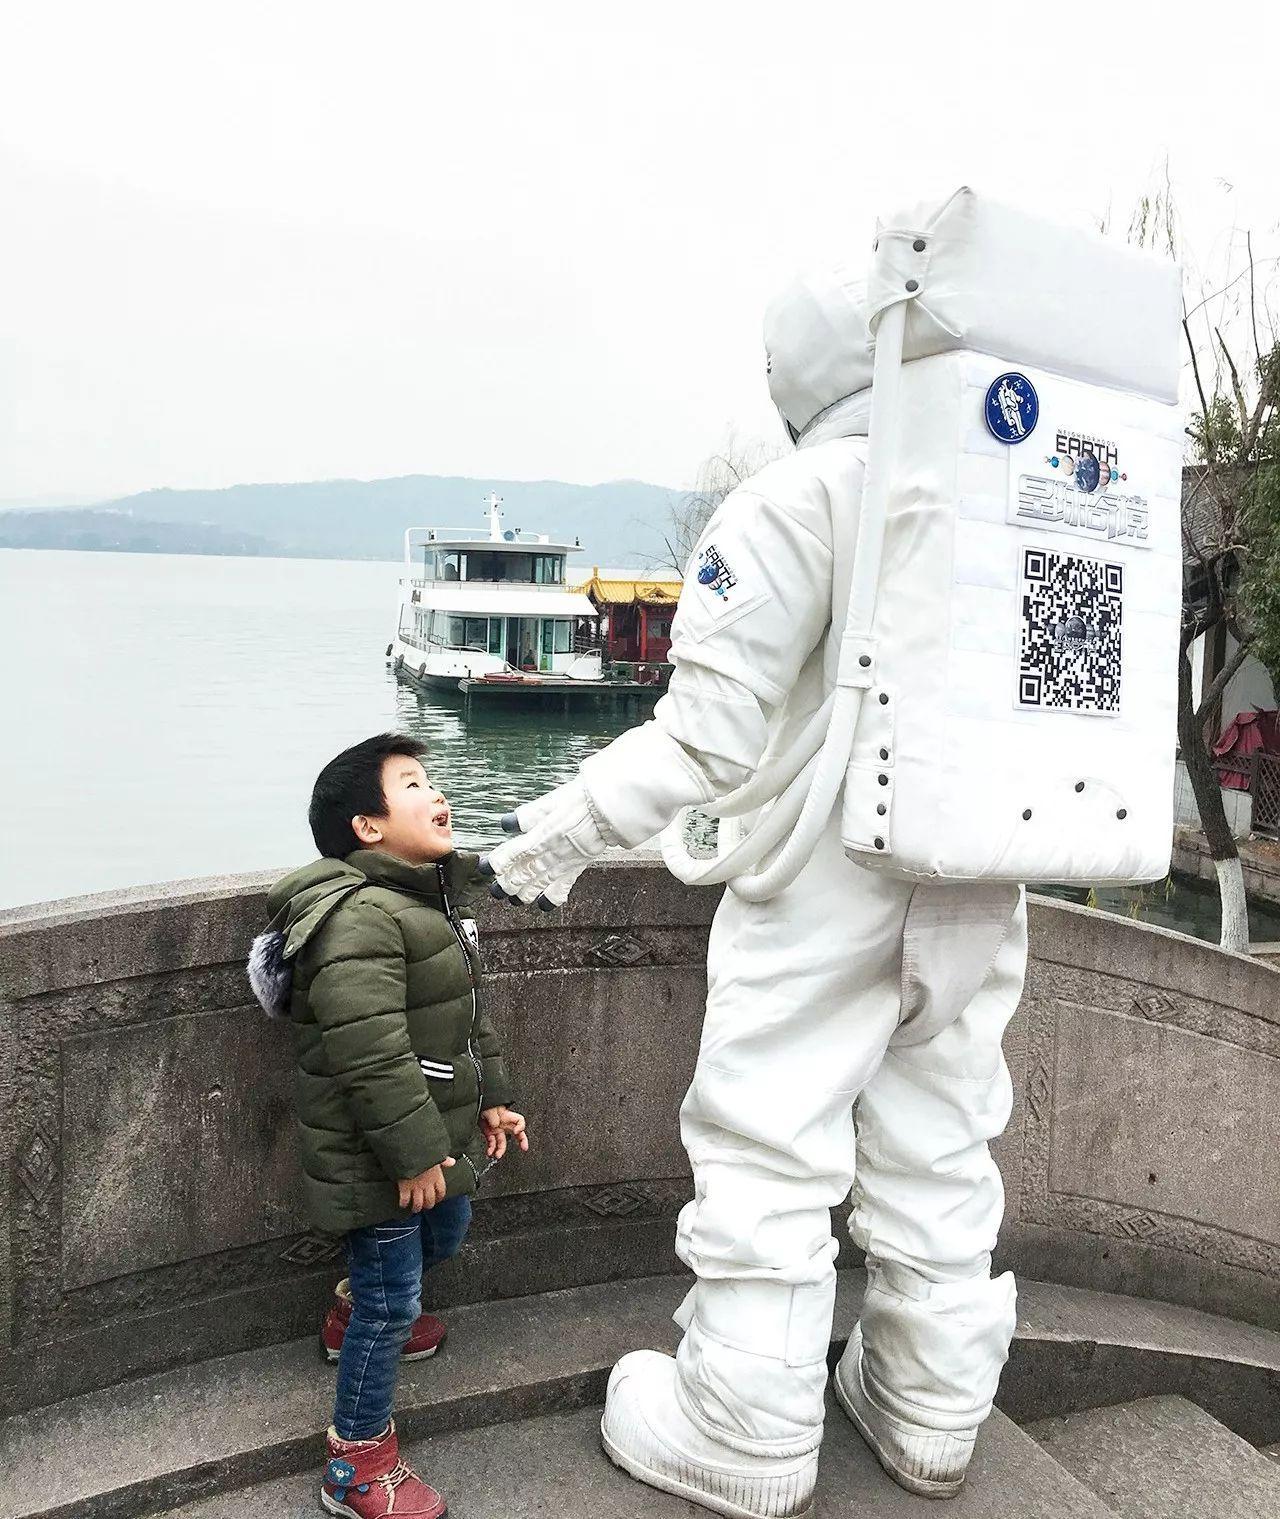 杭州街头惊现宇航员,NASA航天器穿越美帝来到杭州,整个太阳系都在你眼前!(图10)